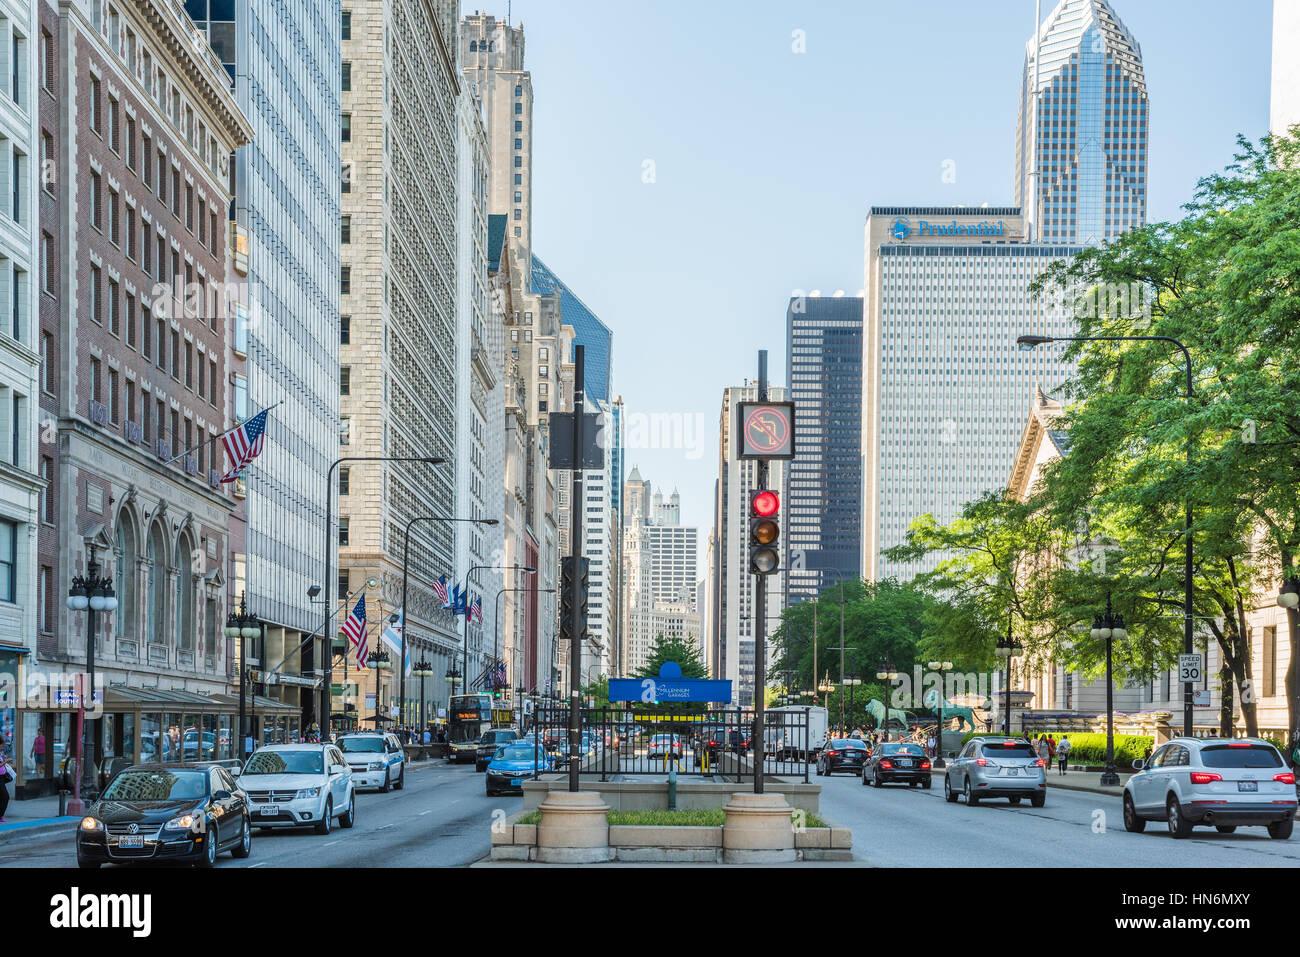 Chicago, USA - 30 mai 2016: divisé à la circulation sur la rue South Michigan Avenue au centre-ville Photo Stock